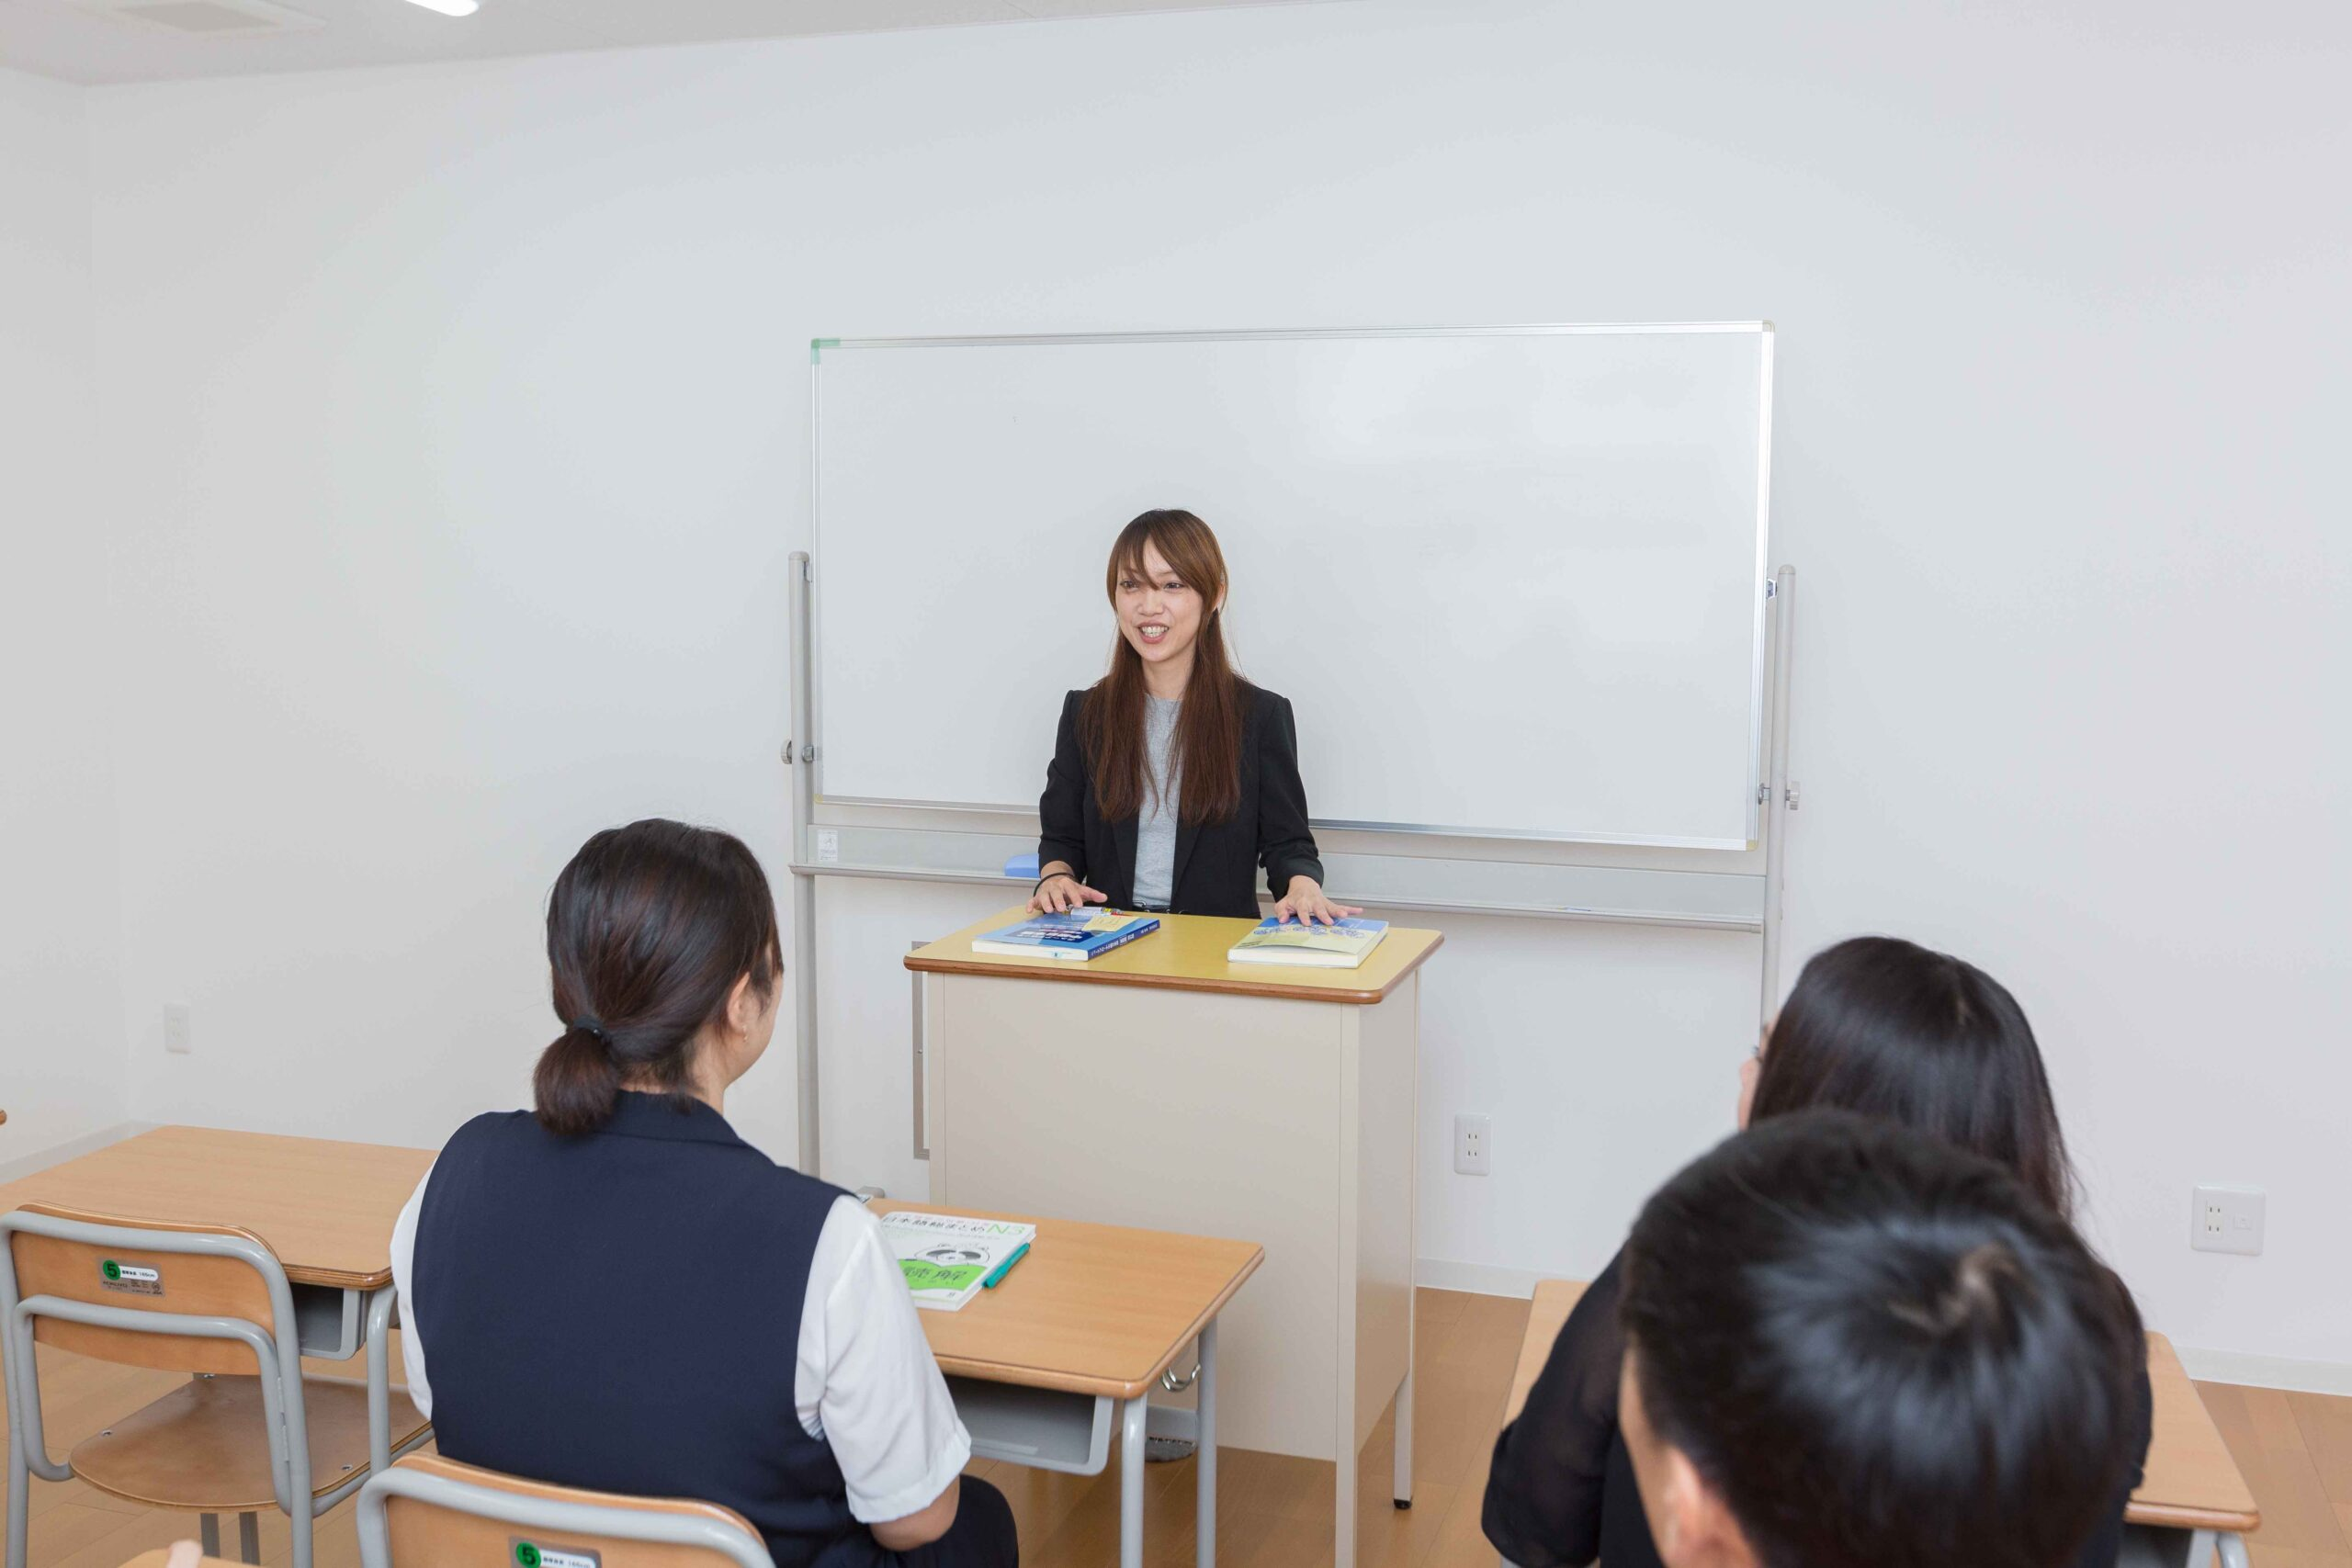 全クラス担任制によるきめ細やかな進学相談